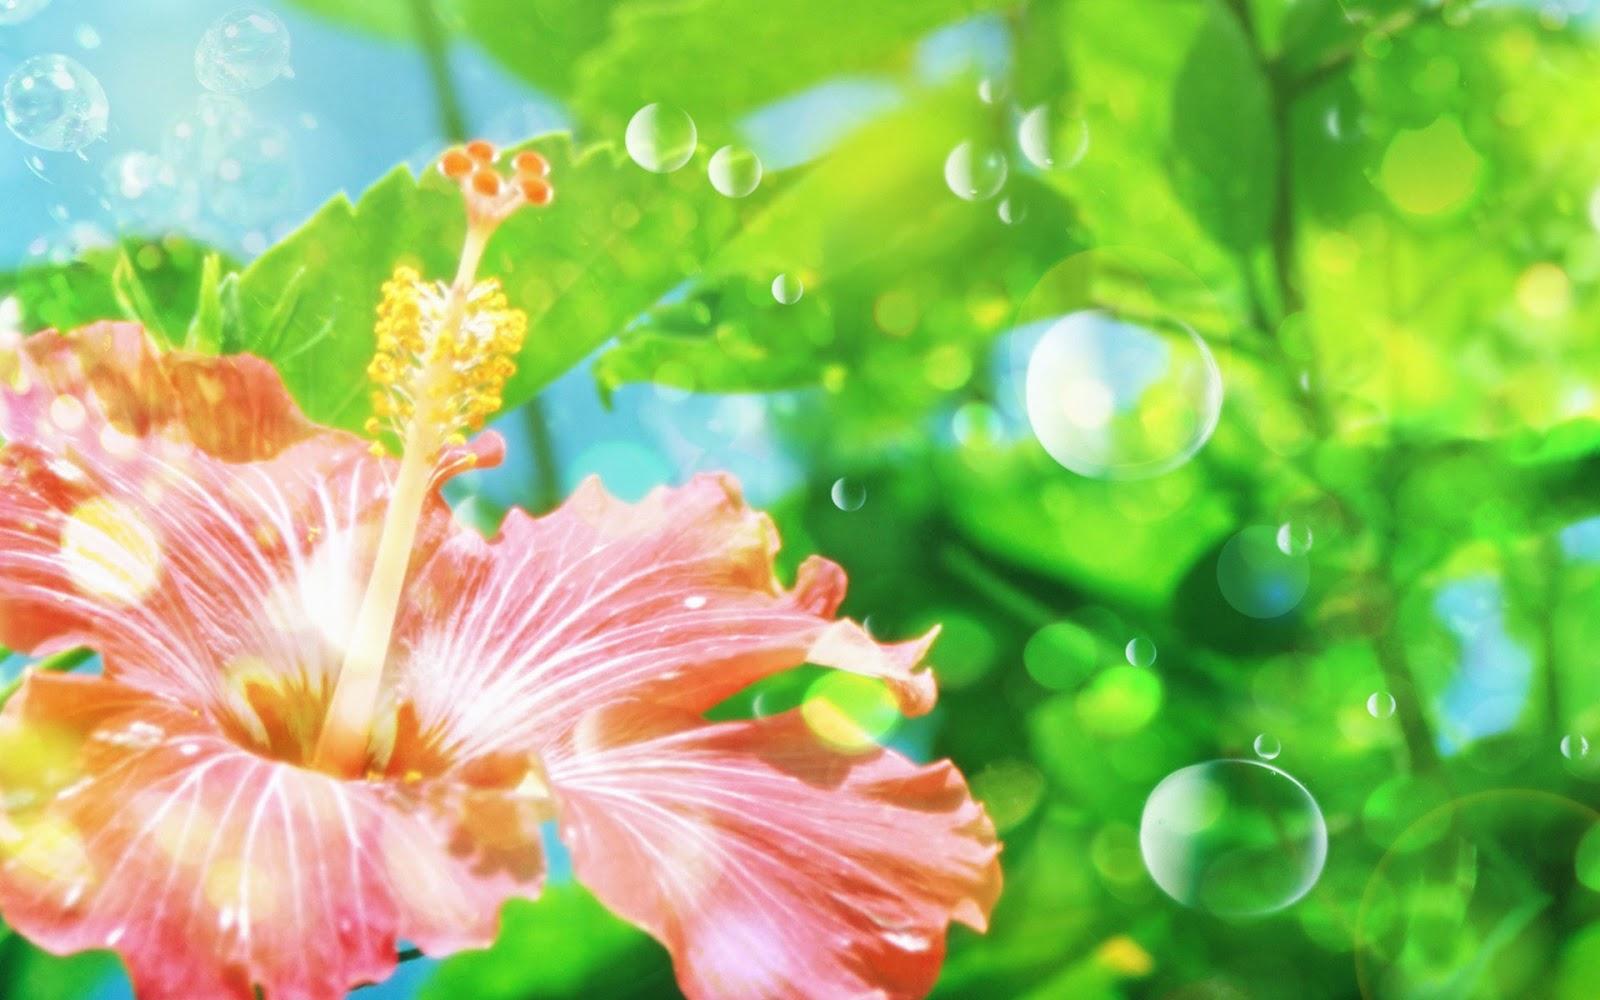 http://3.bp.blogspot.com/-prmGpepFLL4/TzT7iTJ7stI/AAAAAAAAAg0/Ks2IDkfCfrY/s1600/wallpaper-803659.jpg